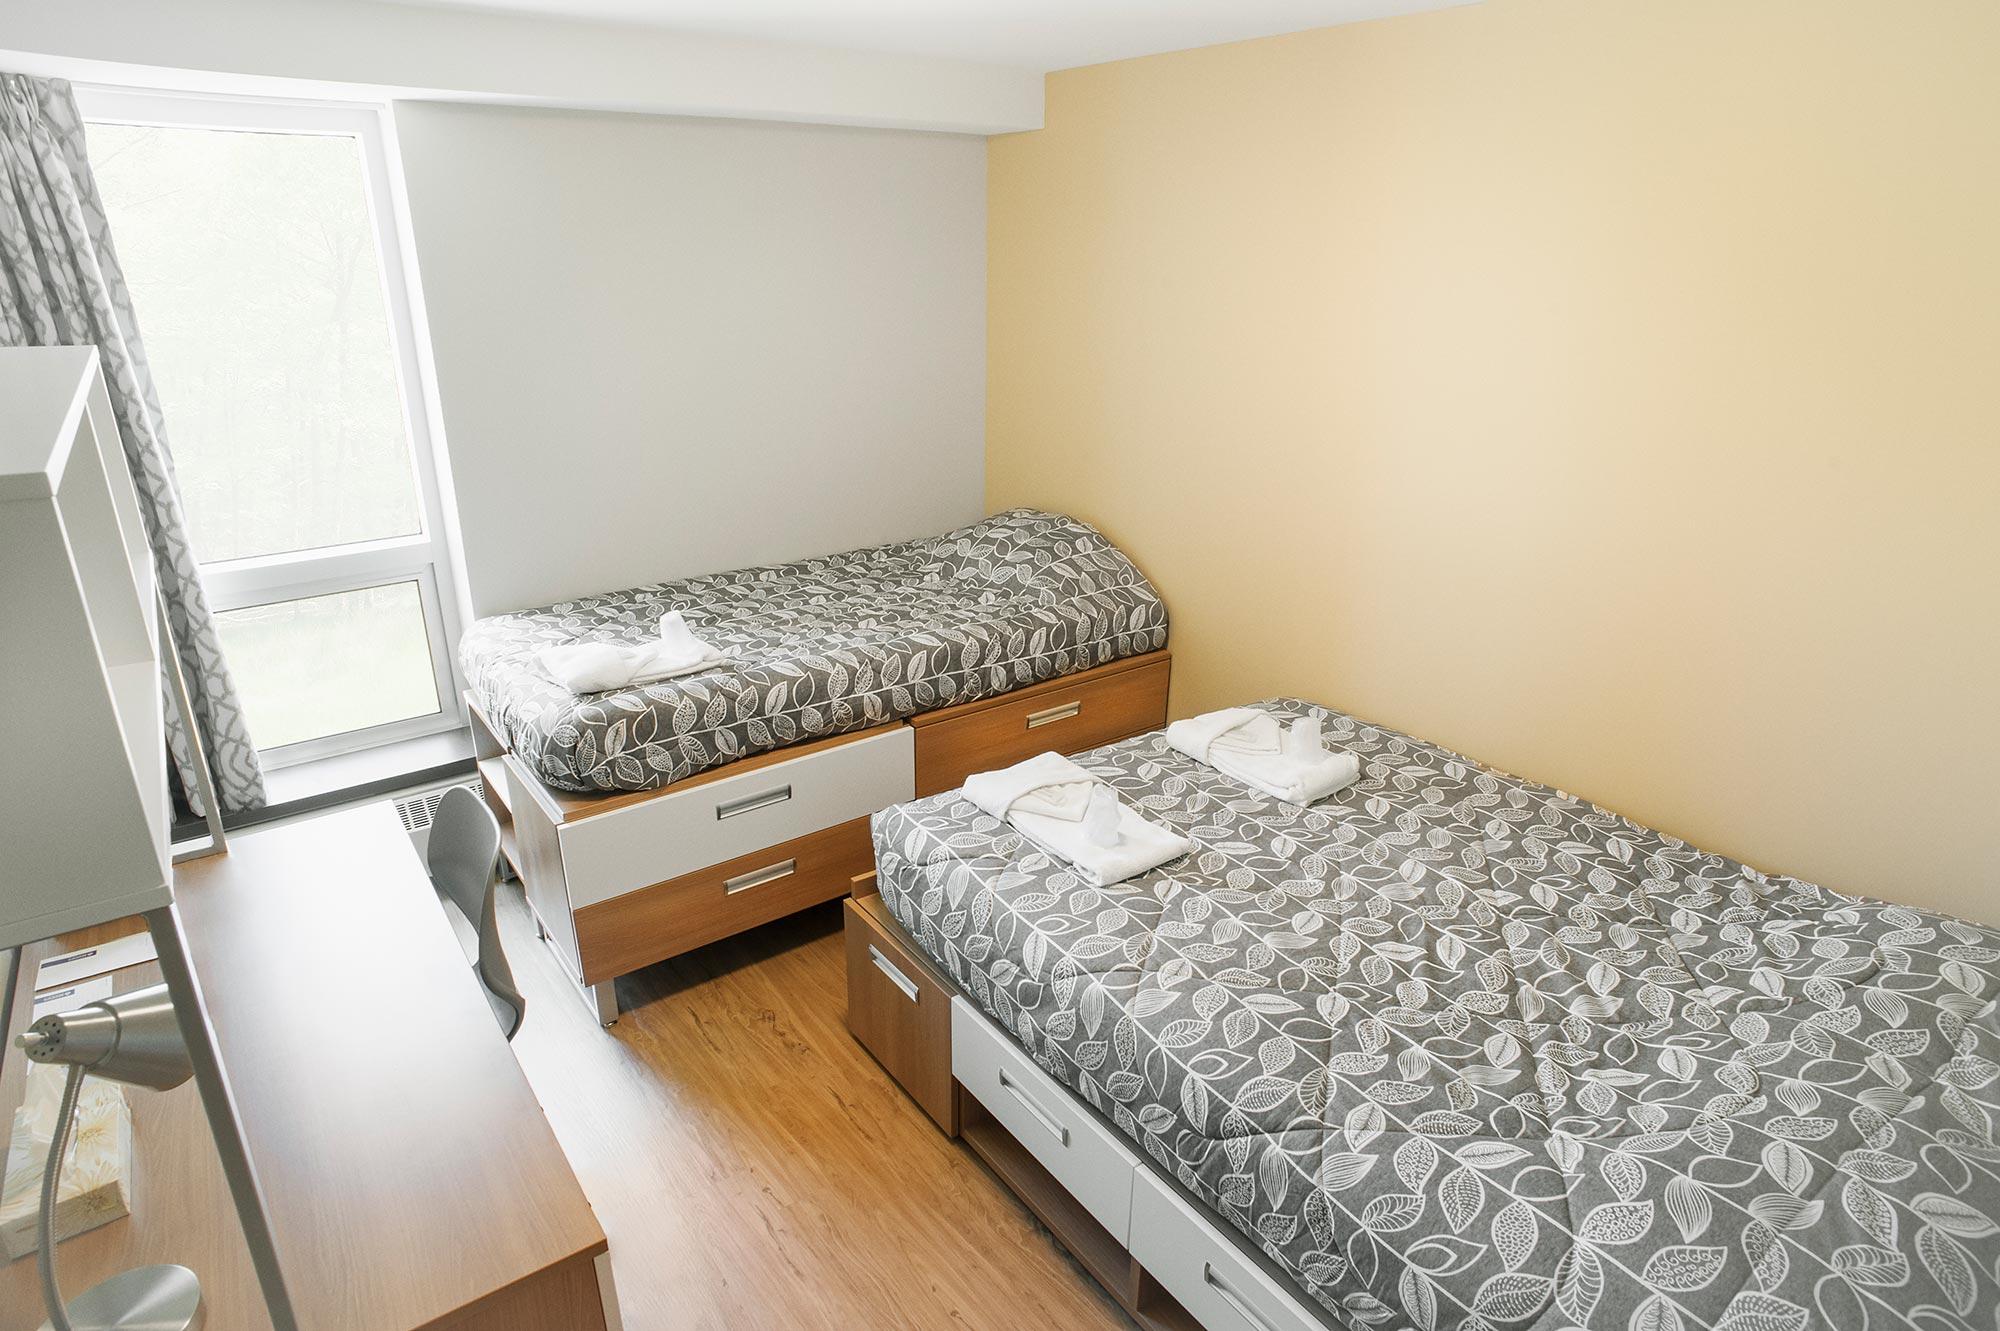 Chambre semi-privée avec un lit double et un lit simple